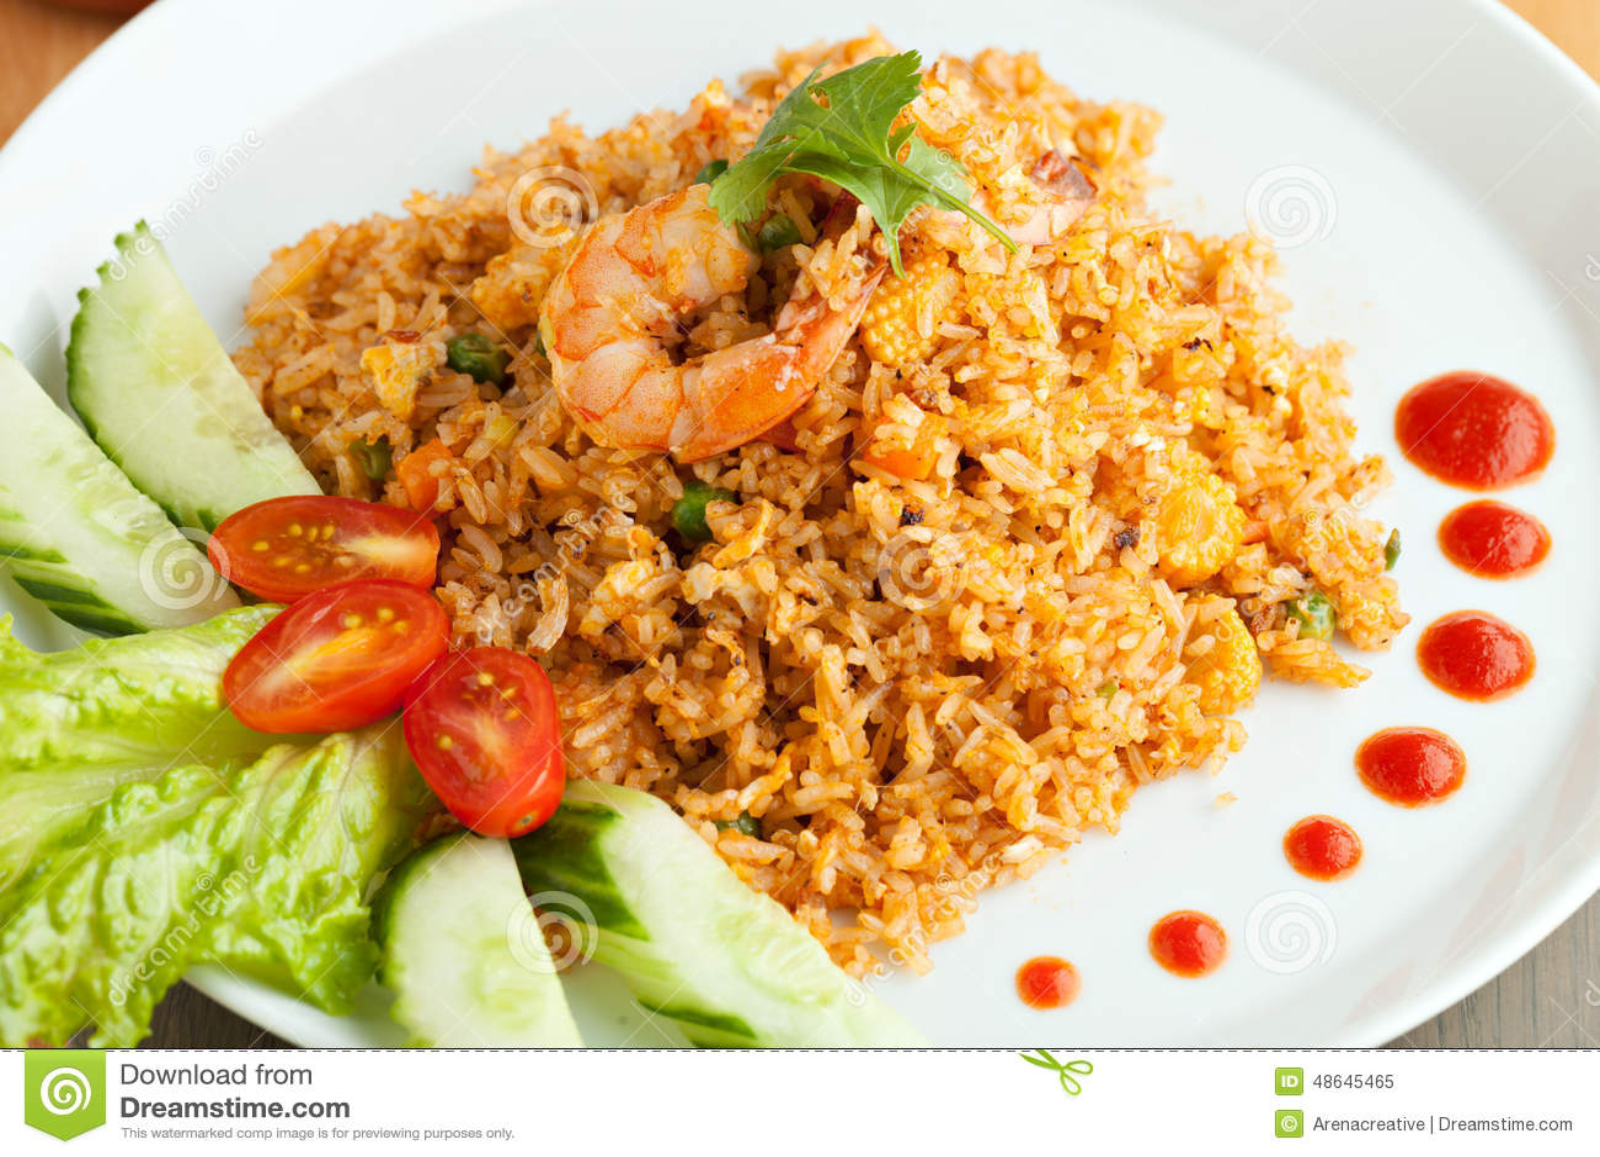 Sriracha shrimp fried rice stock image image of recipe 48645465 sriracha shrimp fried rice ccuart Images